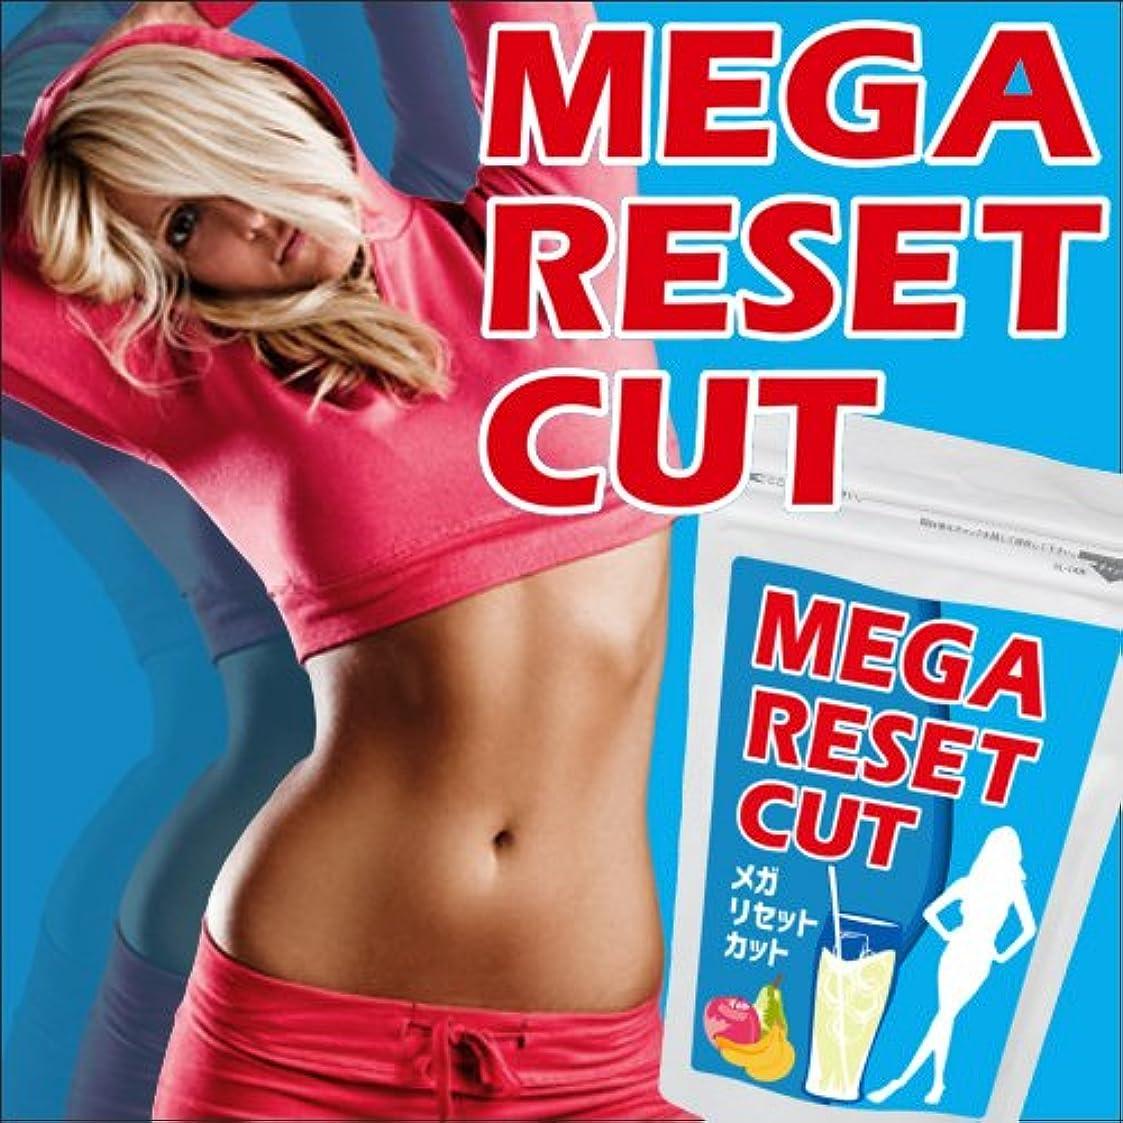 省絶縁する野心MEGA RESET CUT(メガリセットカット)ダイエット ダイエットサプリ 送料無料